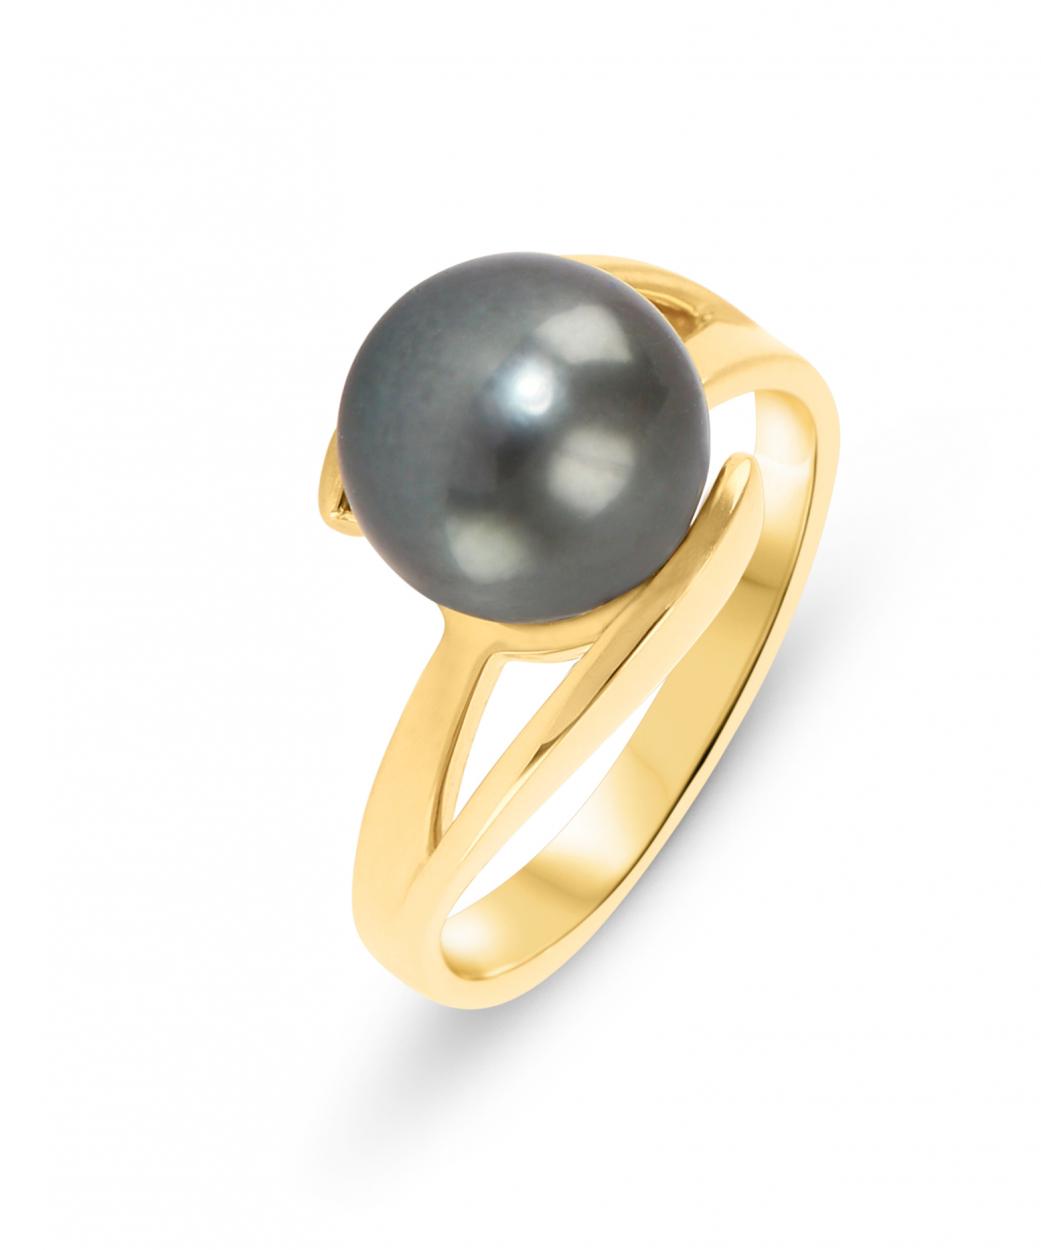 bague or avec perle de tahiti